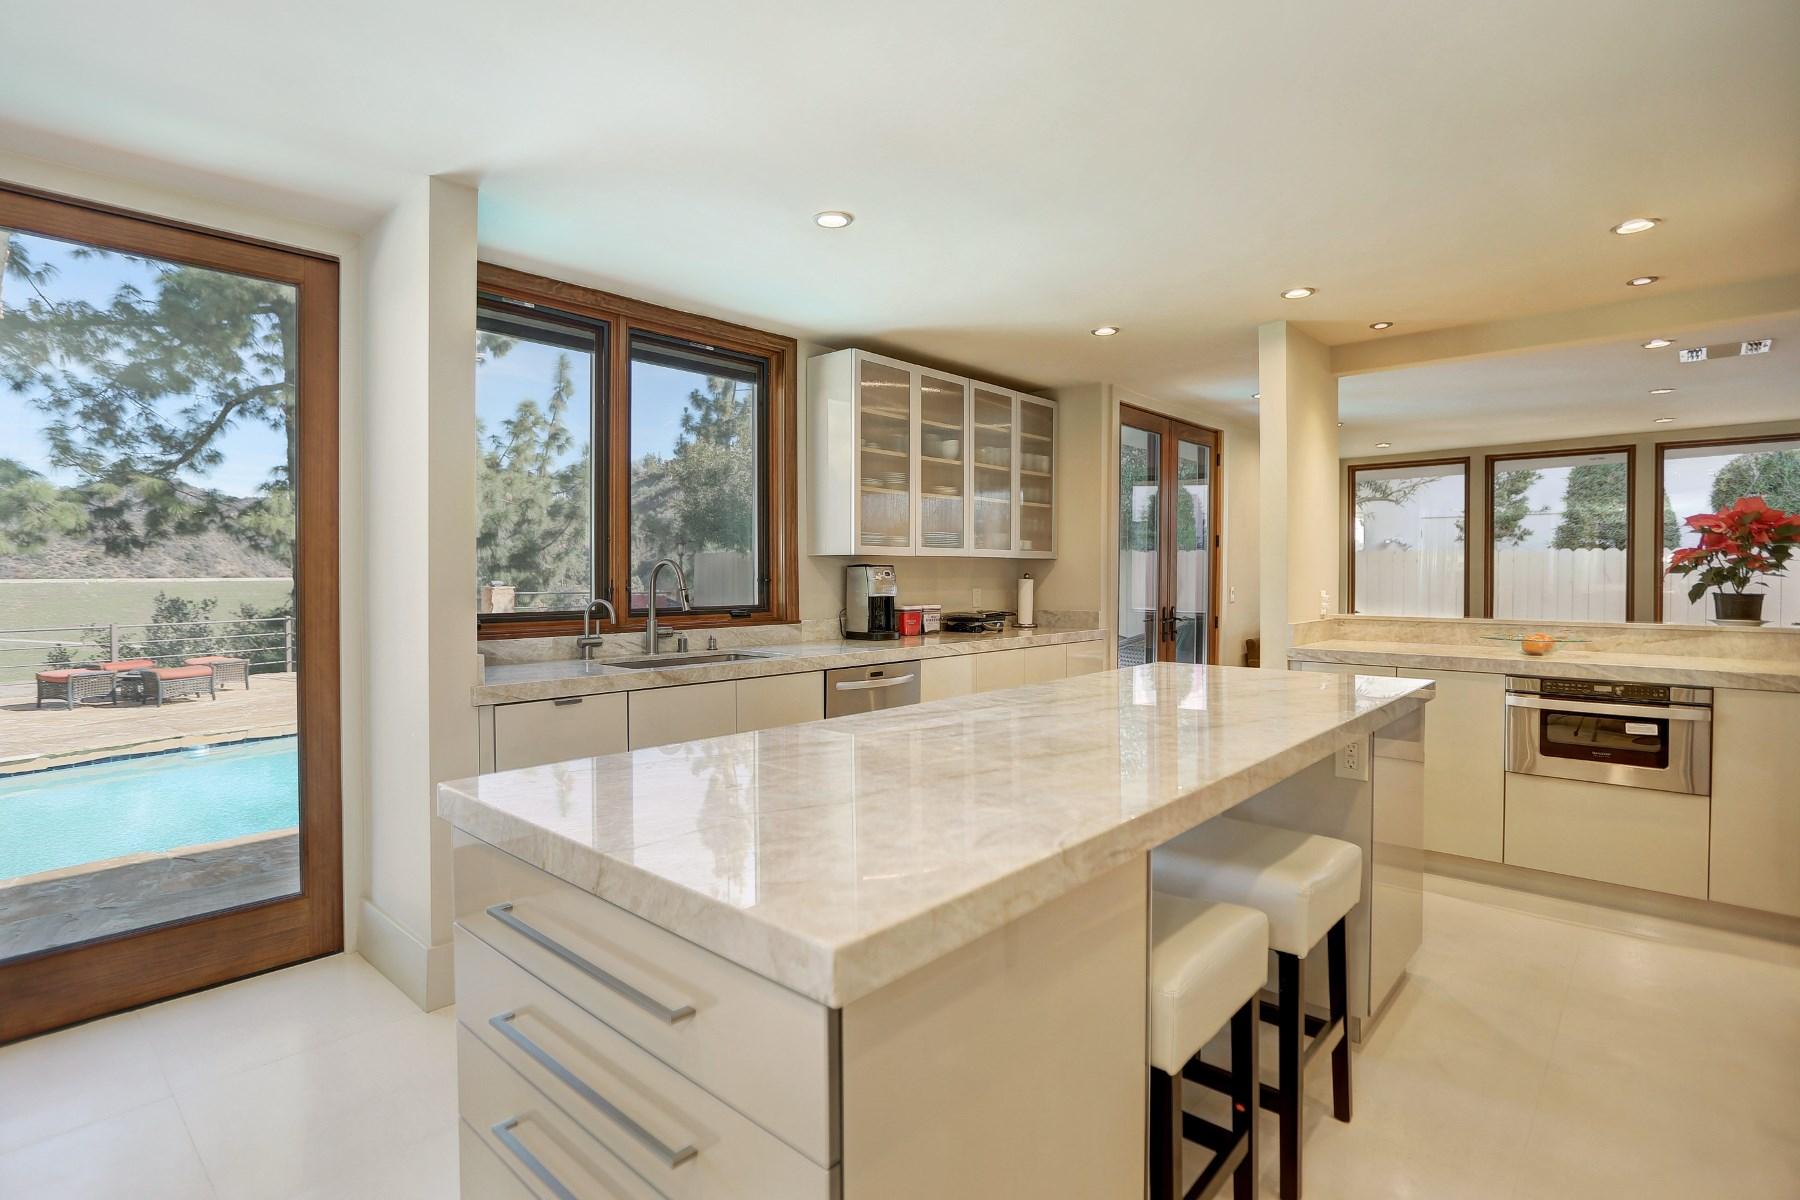 独户住宅 为 销售 在 Stunning Mid-Century on Private Drive 10605 Lindamere Drive 洛杉矶, 加利福尼亚州, 90077 美国